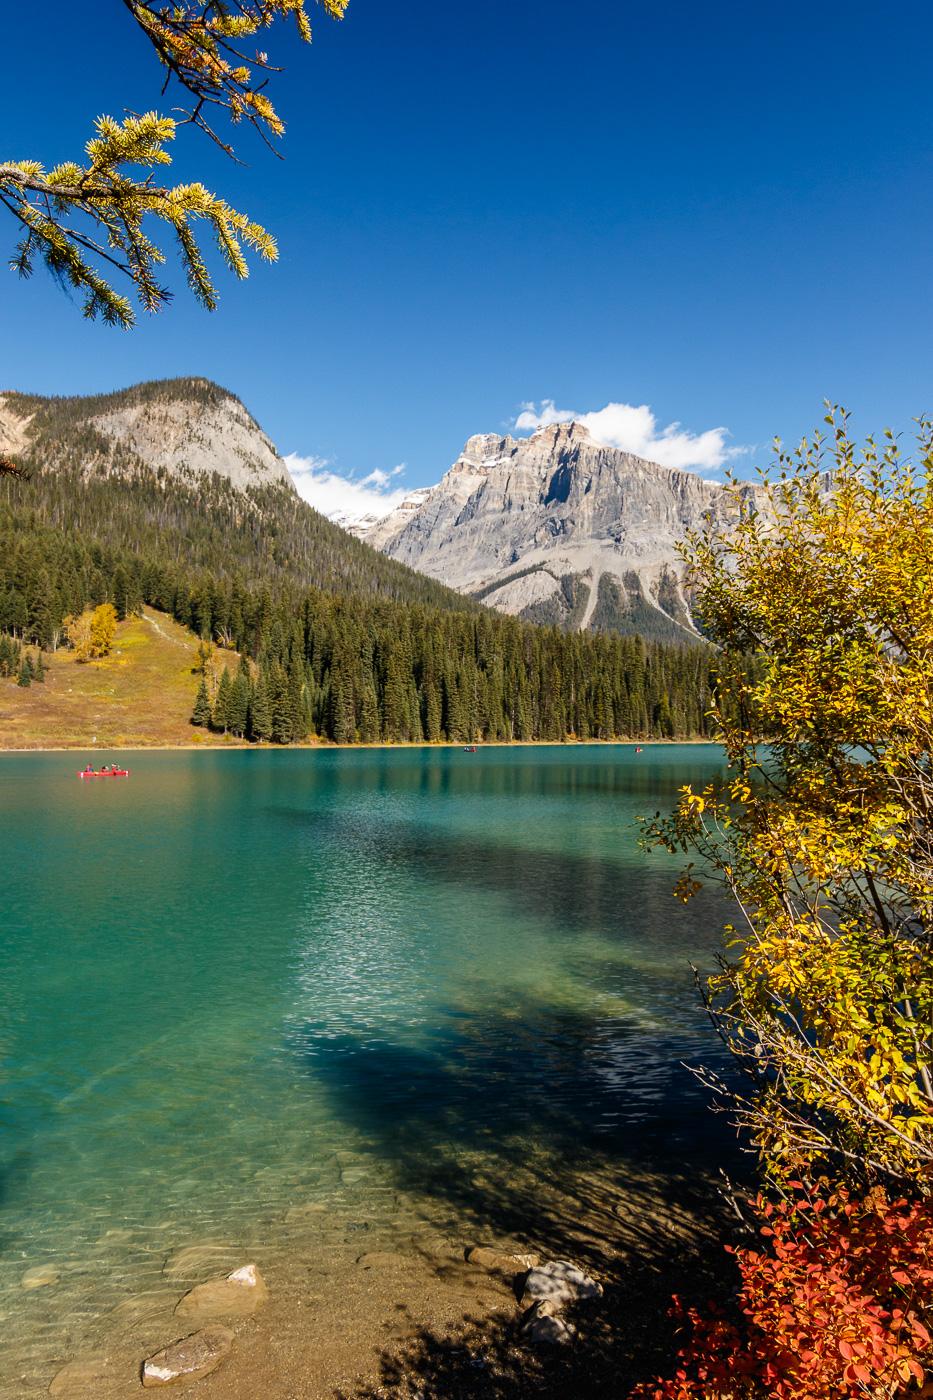 Emerald Lake colors view - Paisatges de Nord-Amèrica - Raül Carmona - Fotografia, Fotografia d'estudi, esdeveniments i Natura